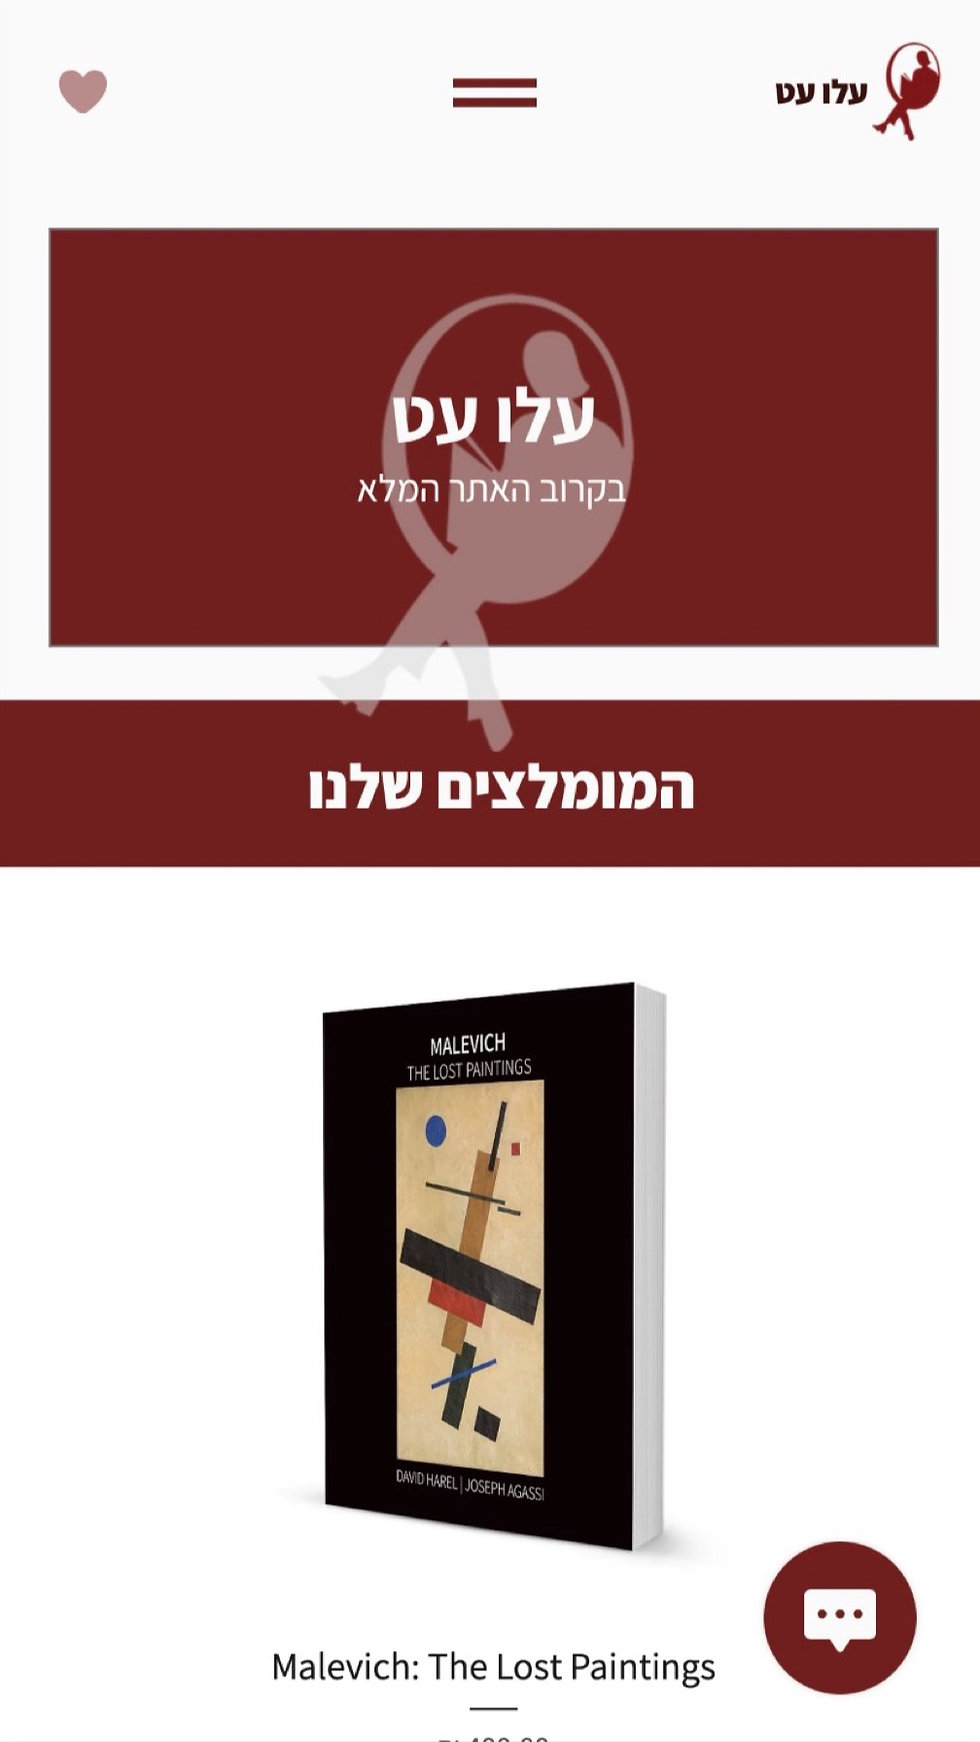 booksforyou.com